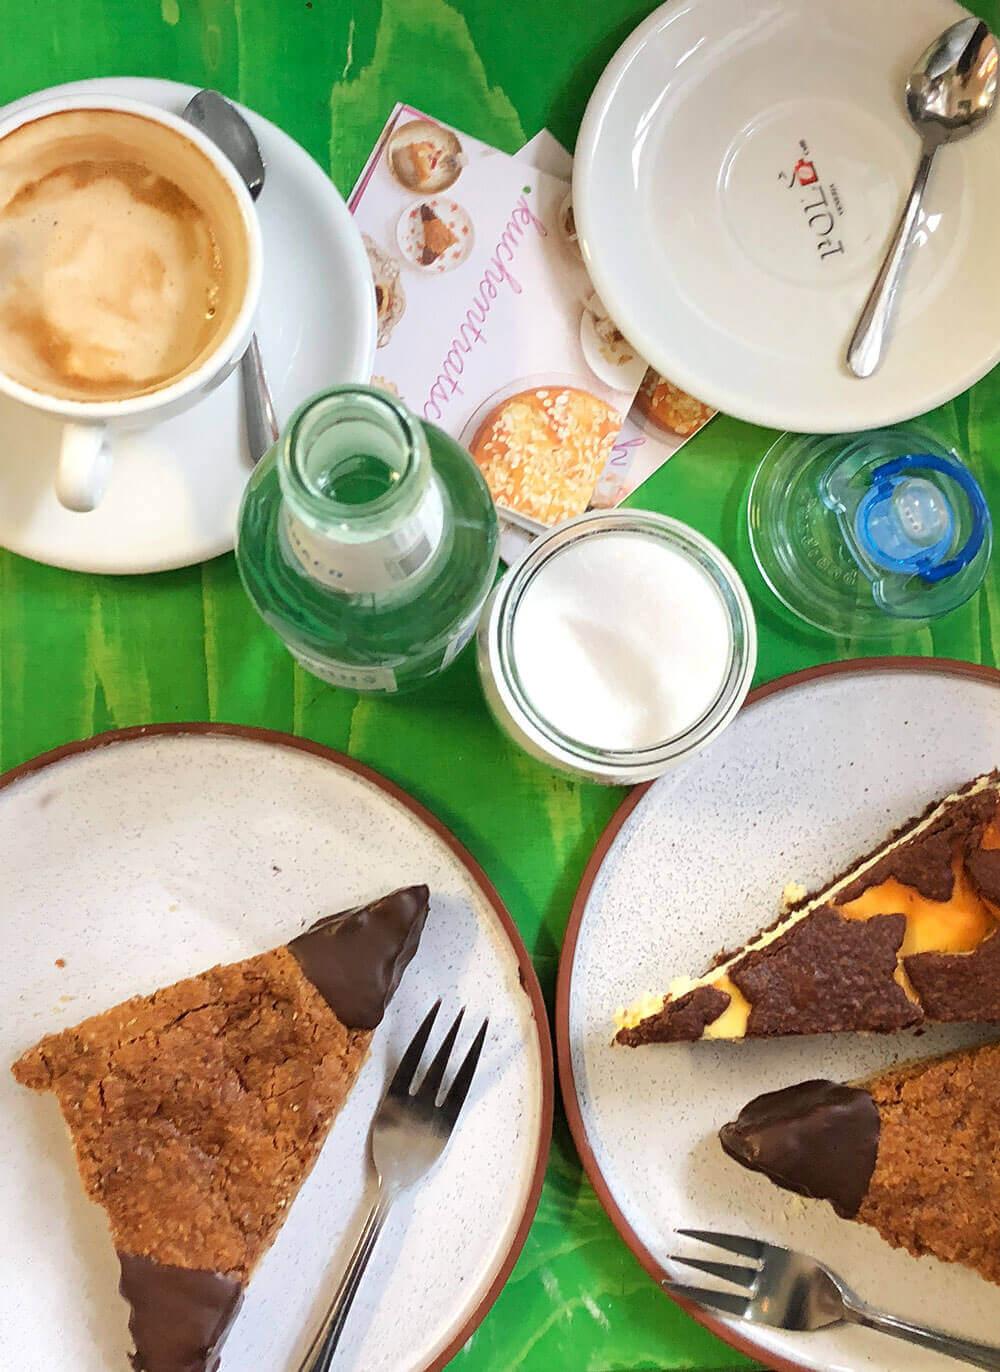 Kuchen essen in München bei Kuchentratsch